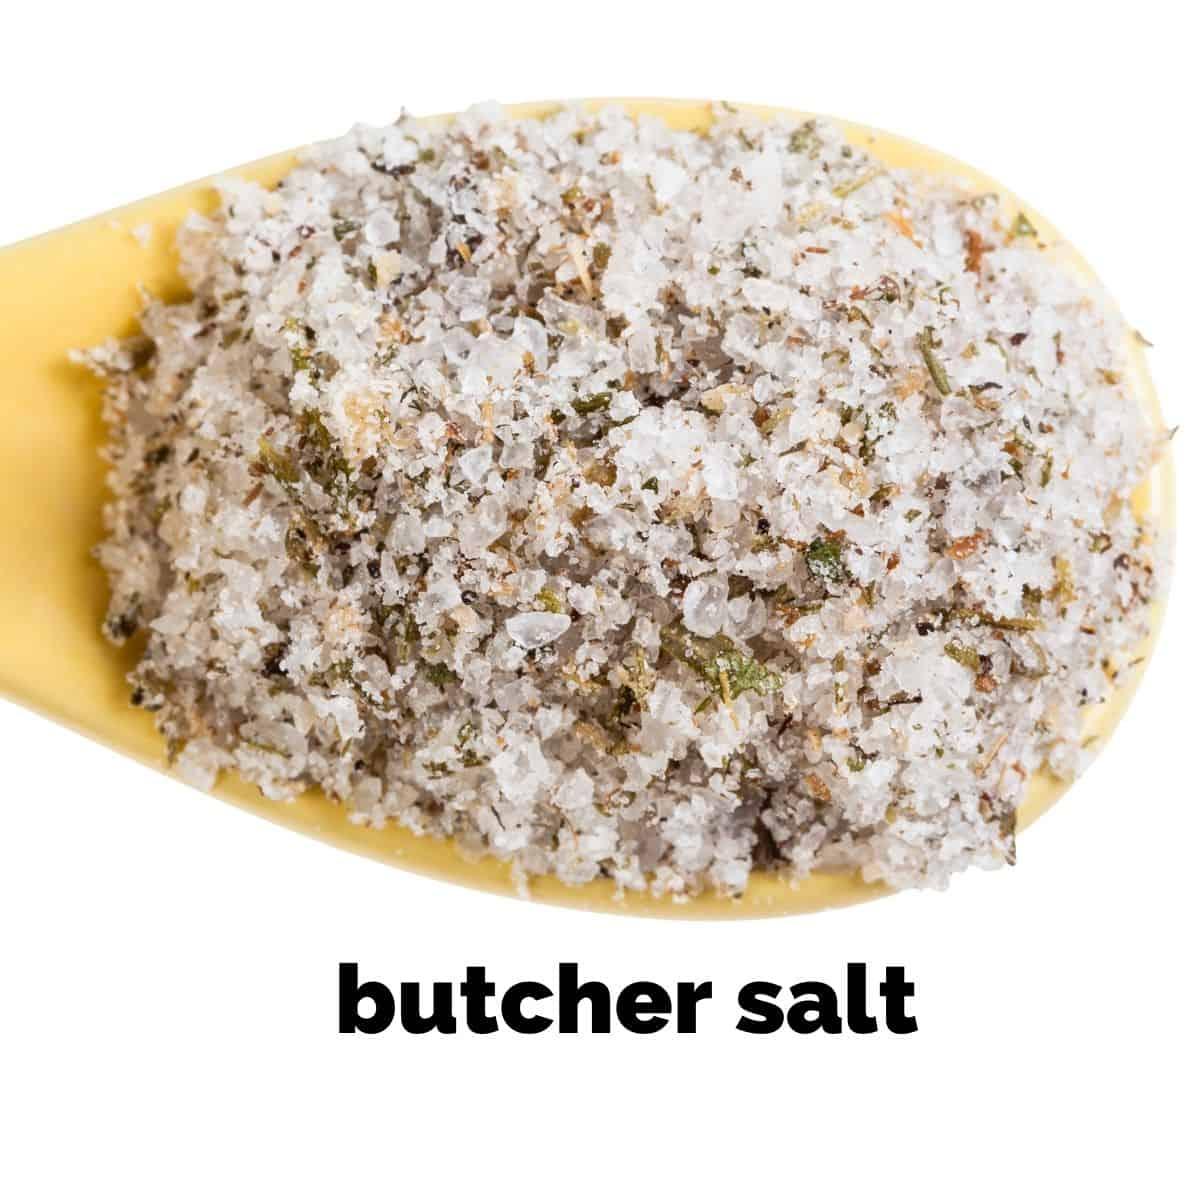 butcher salt on a spoon